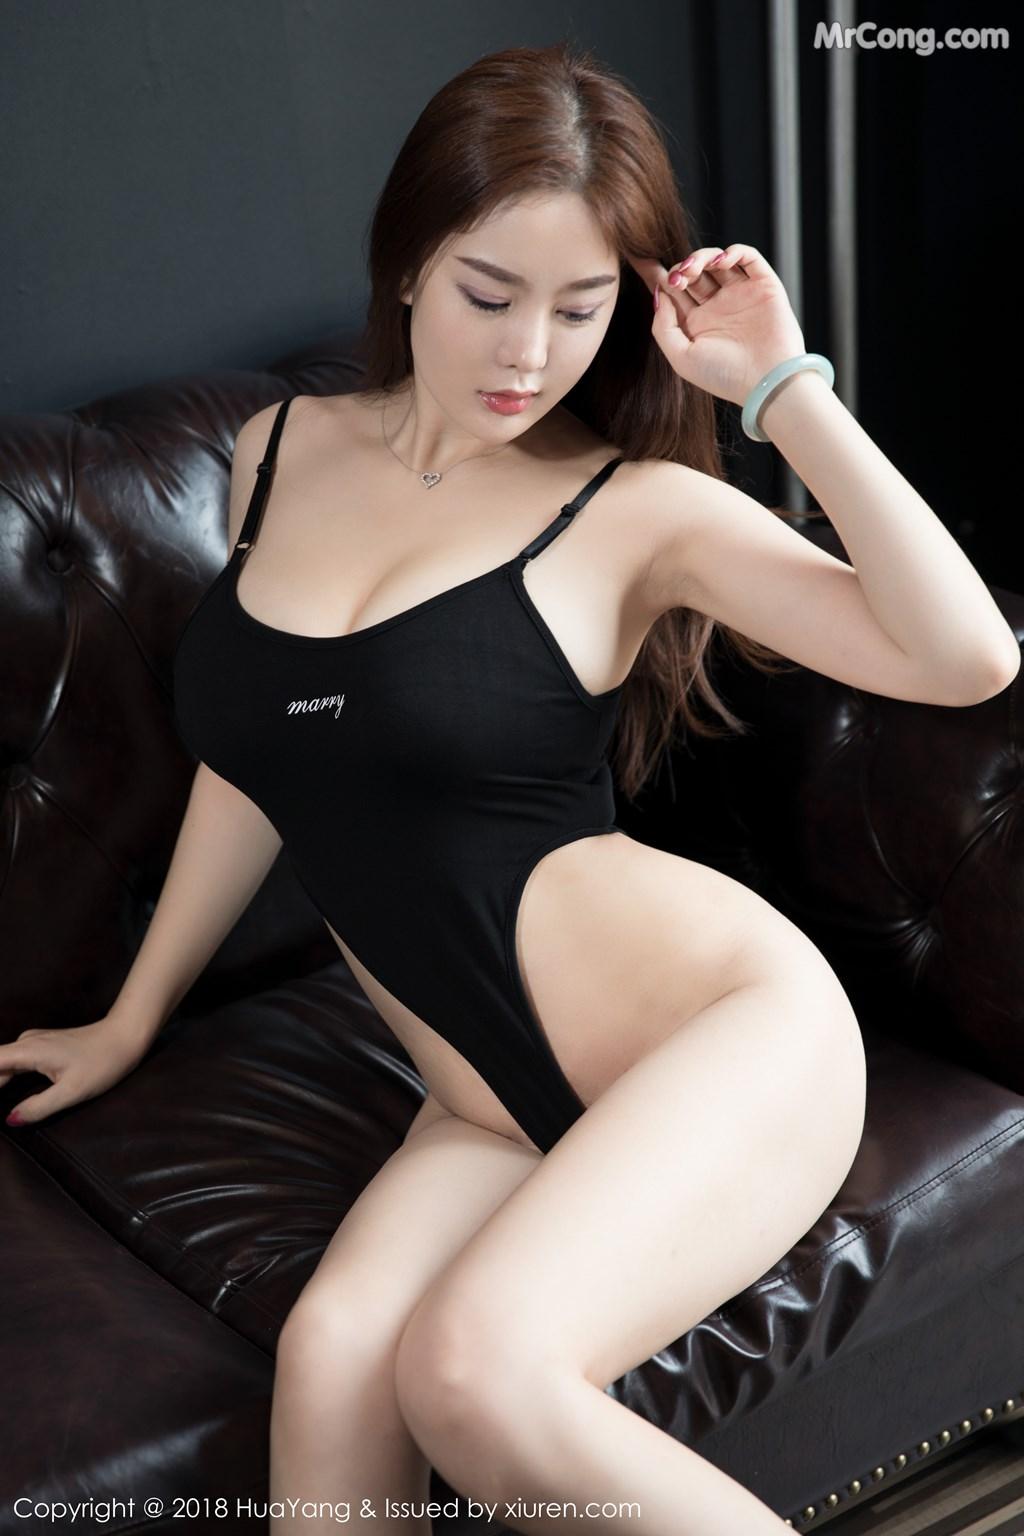 Image HuaYang-2018-08-09-Vol.068-Silvia-MrCong.com-009 in post HuaYang 2018-08-09 Vol.068: Người mẫu 易阳Silvia (41 ảnh)